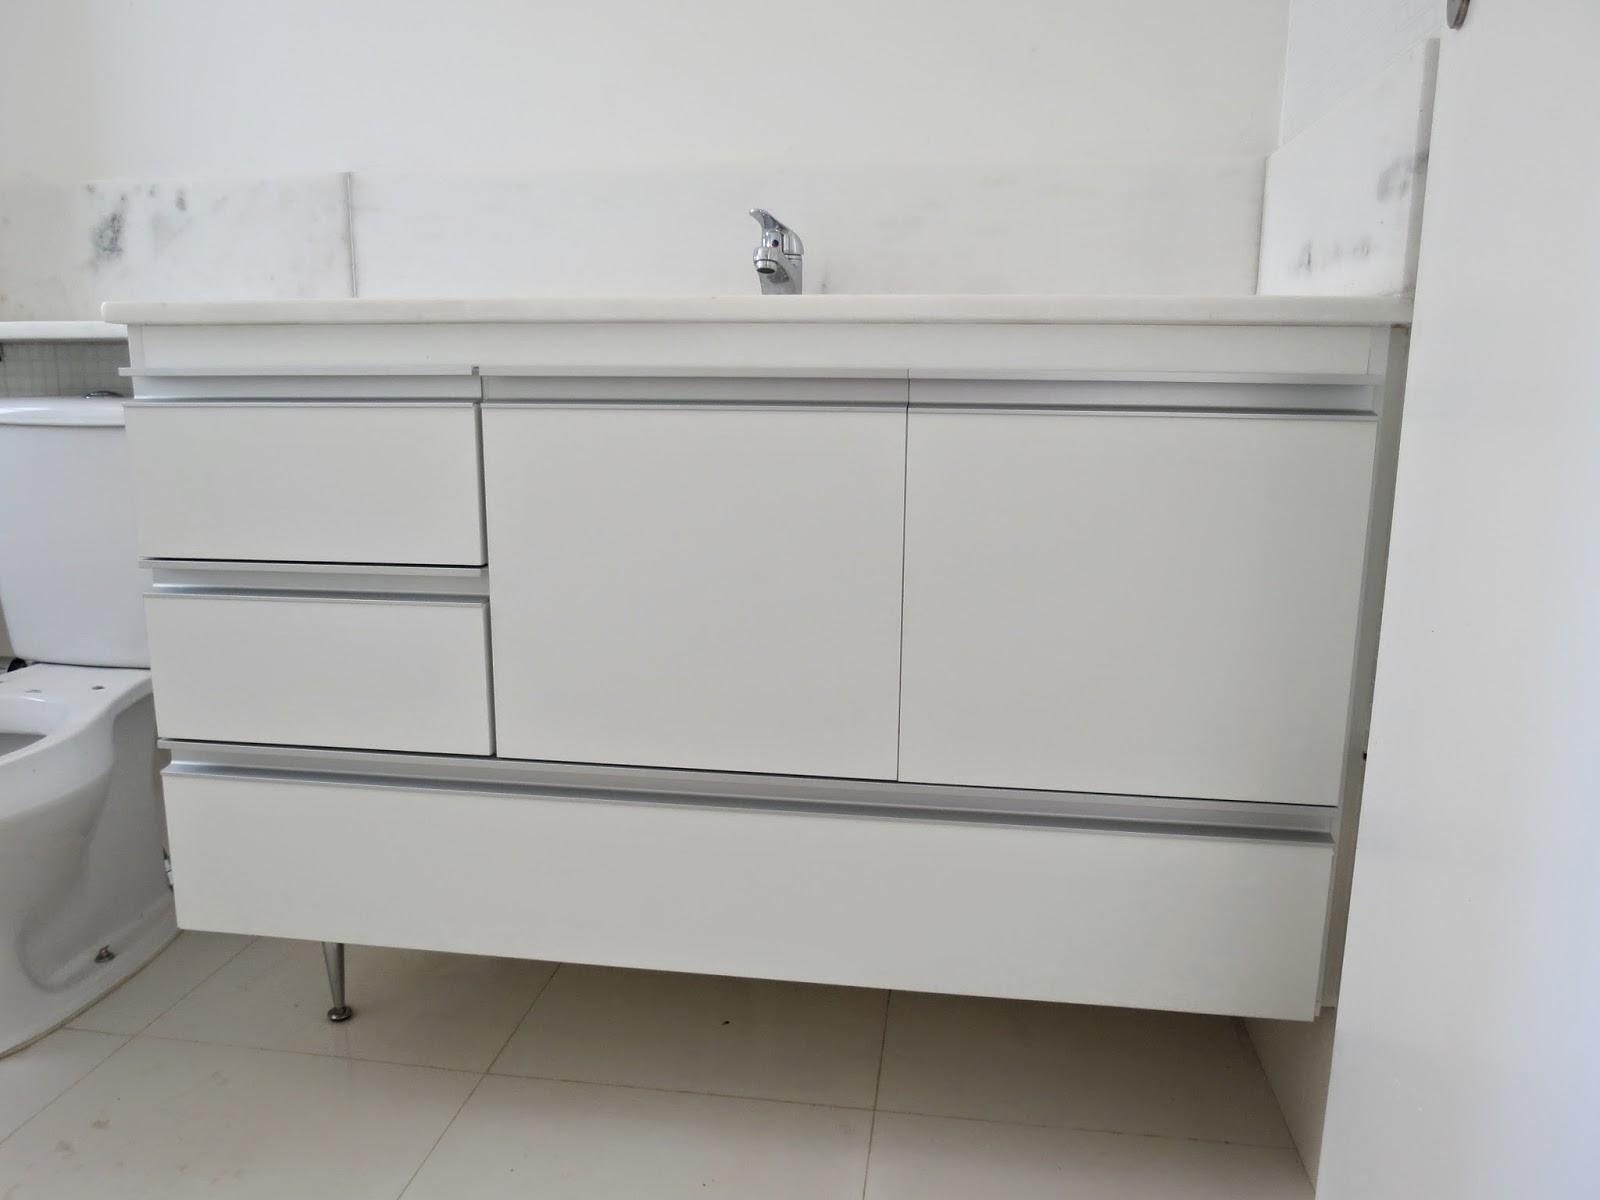 Lopes Armários Planejados: Armário para Banheiro (Padrão Branco  #494134 1600x1200 Armário Banheiro Belo Horizonte